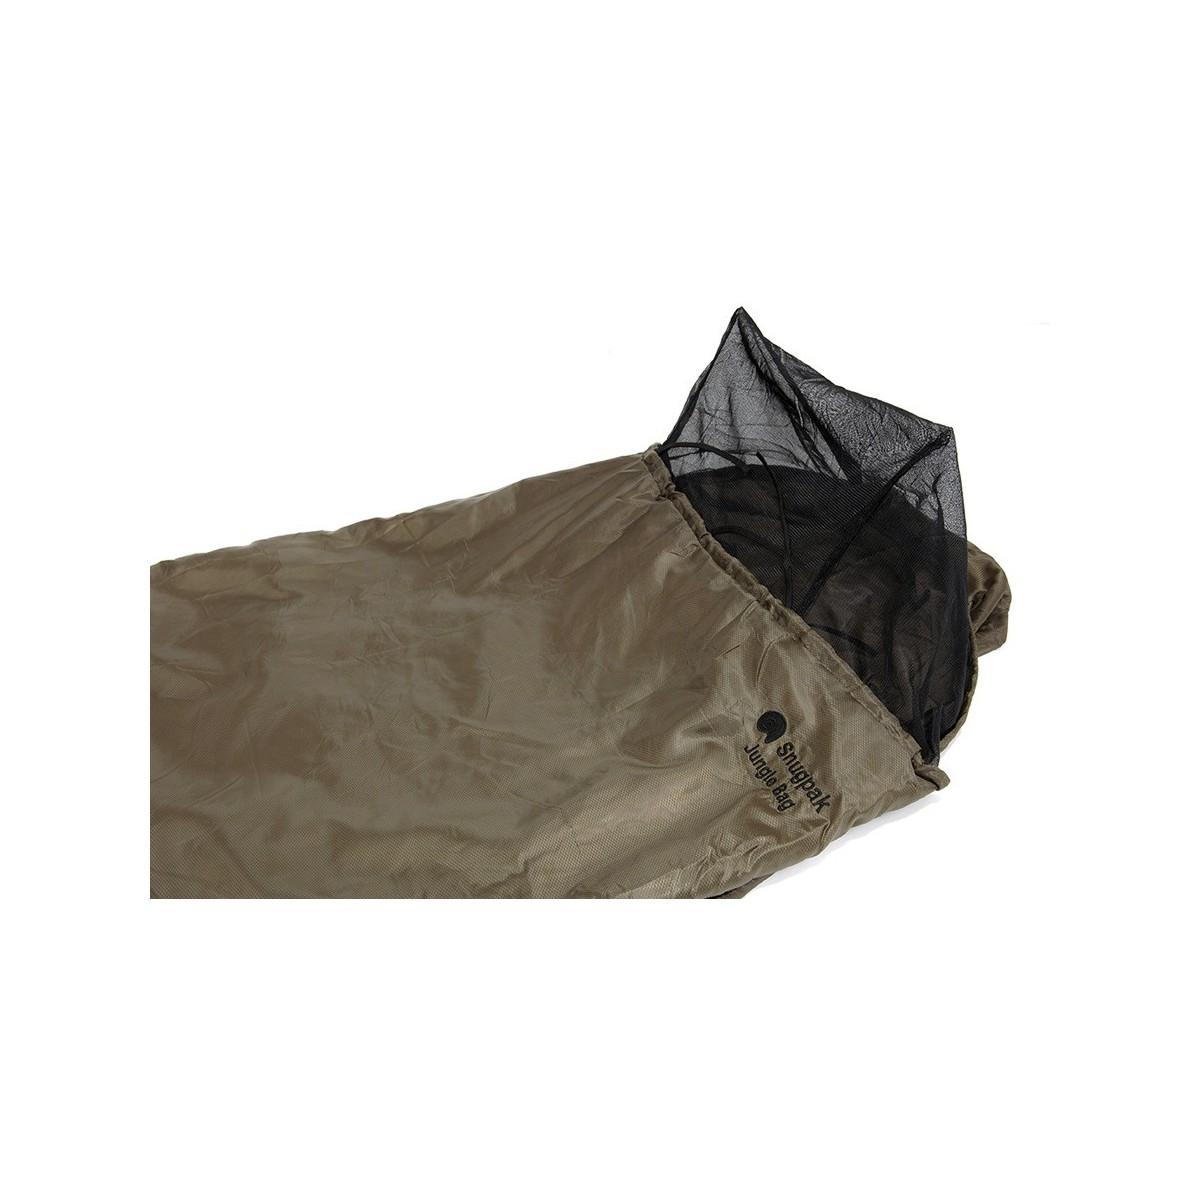 snugpak sac de couchage jungle bag noir bivouac tropical et brousse inuka. Black Bedroom Furniture Sets. Home Design Ideas